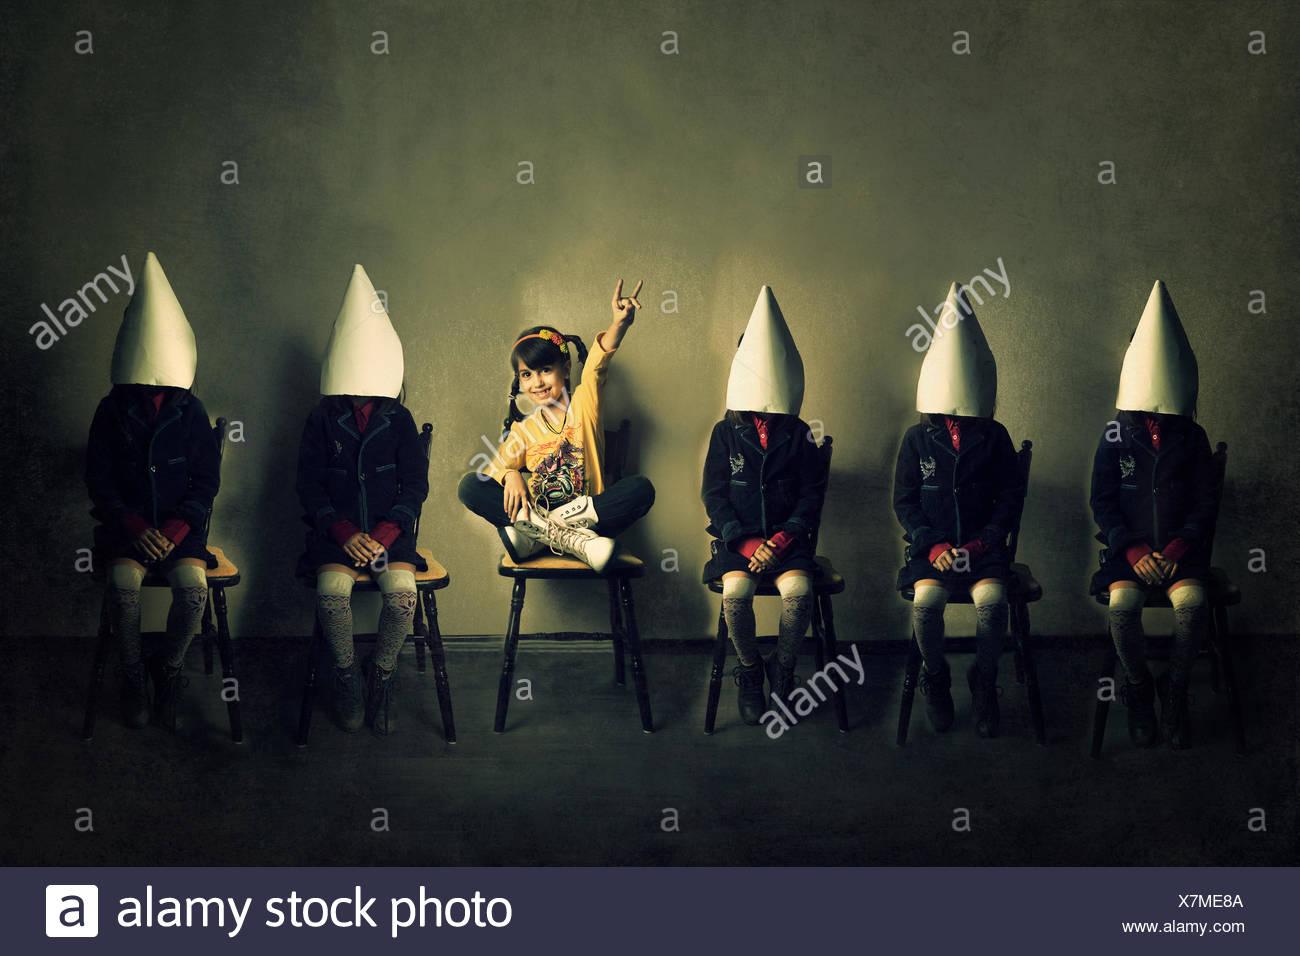 Sechs Mädchen sitzen auf Stühlen in einer Reihe Stockbild